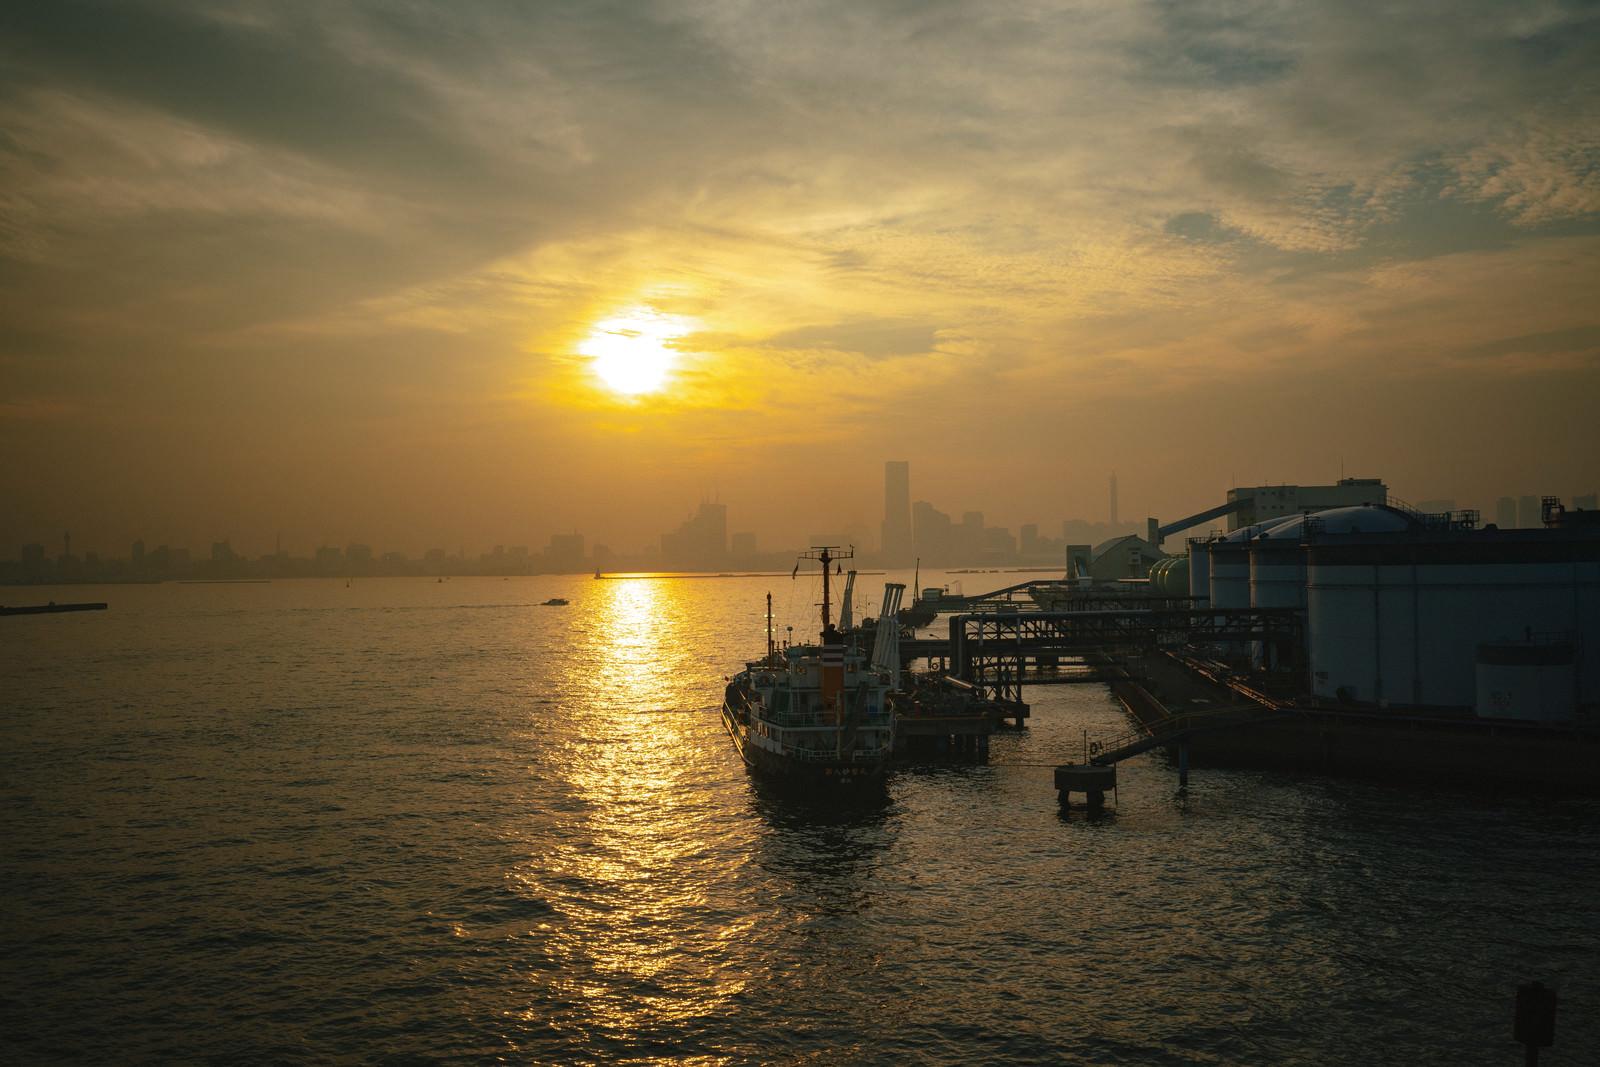 「工業地帯から見る夕日と街並み」の写真